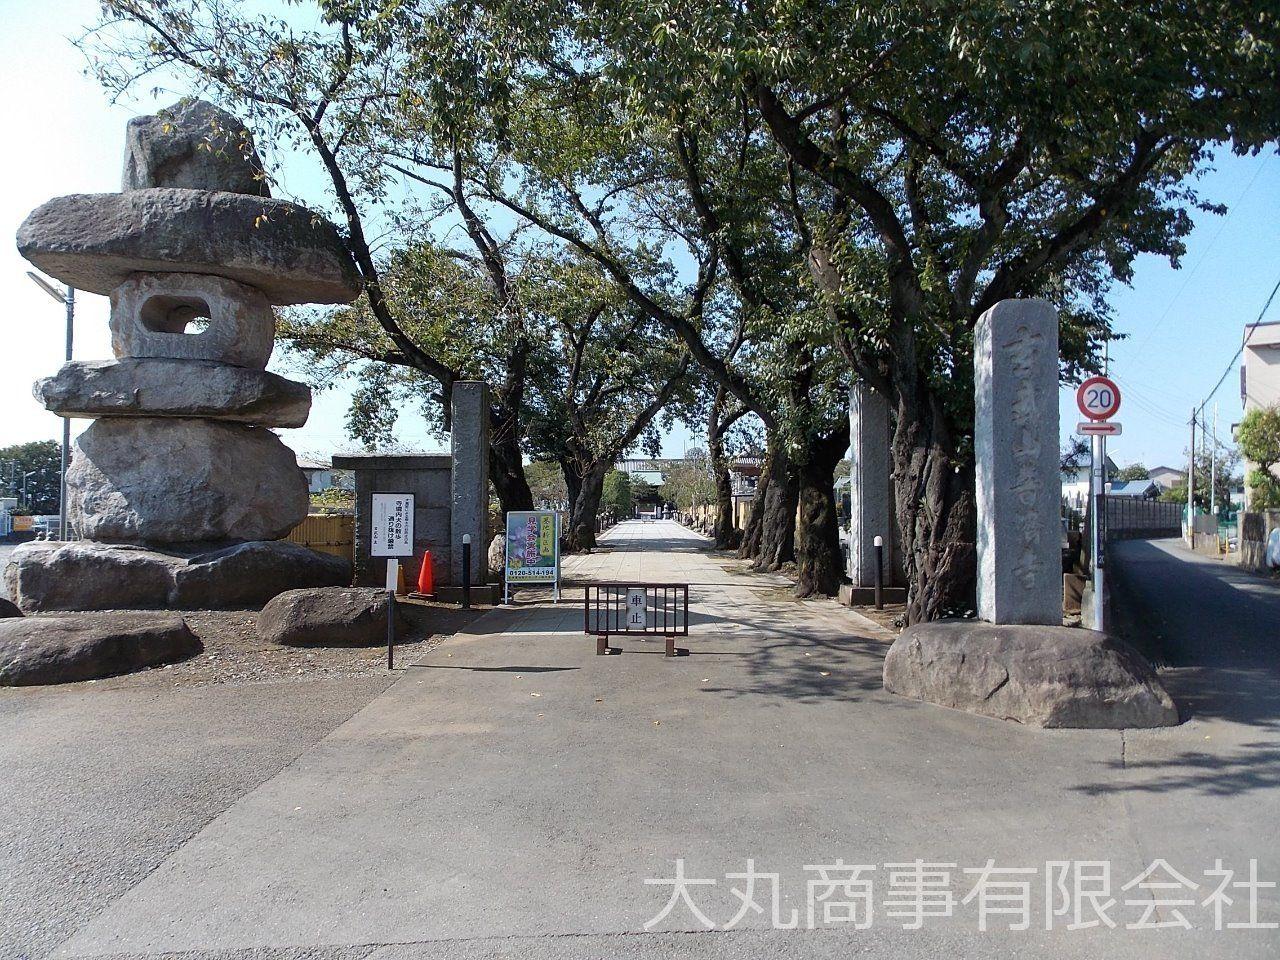 650年以上の歴史があり、立川発祥の地です。